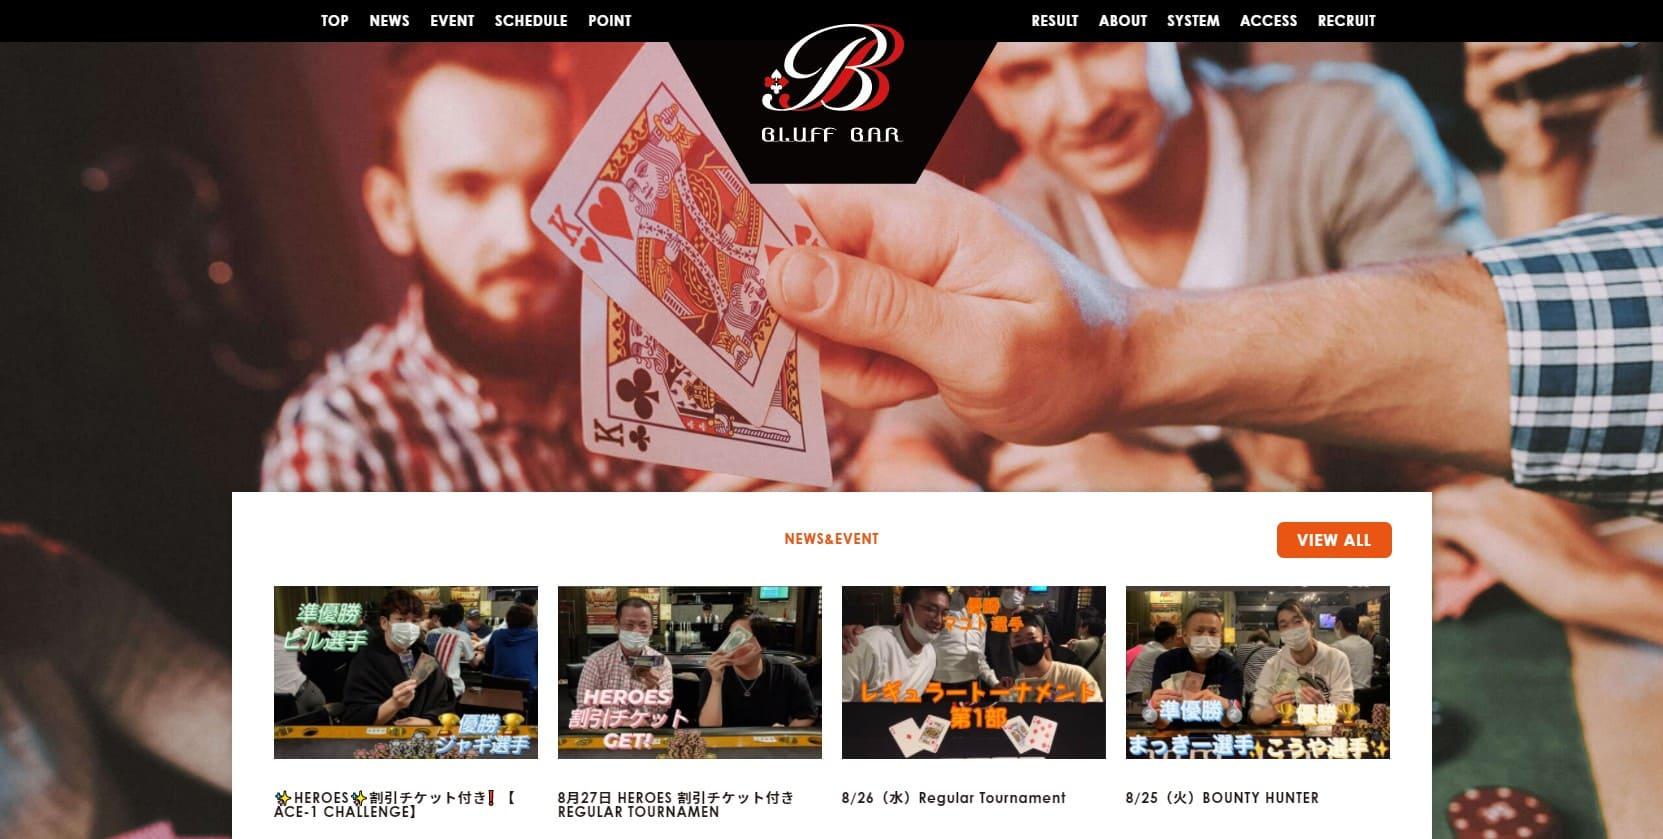 BLUFF BARのウェブサイト画像。